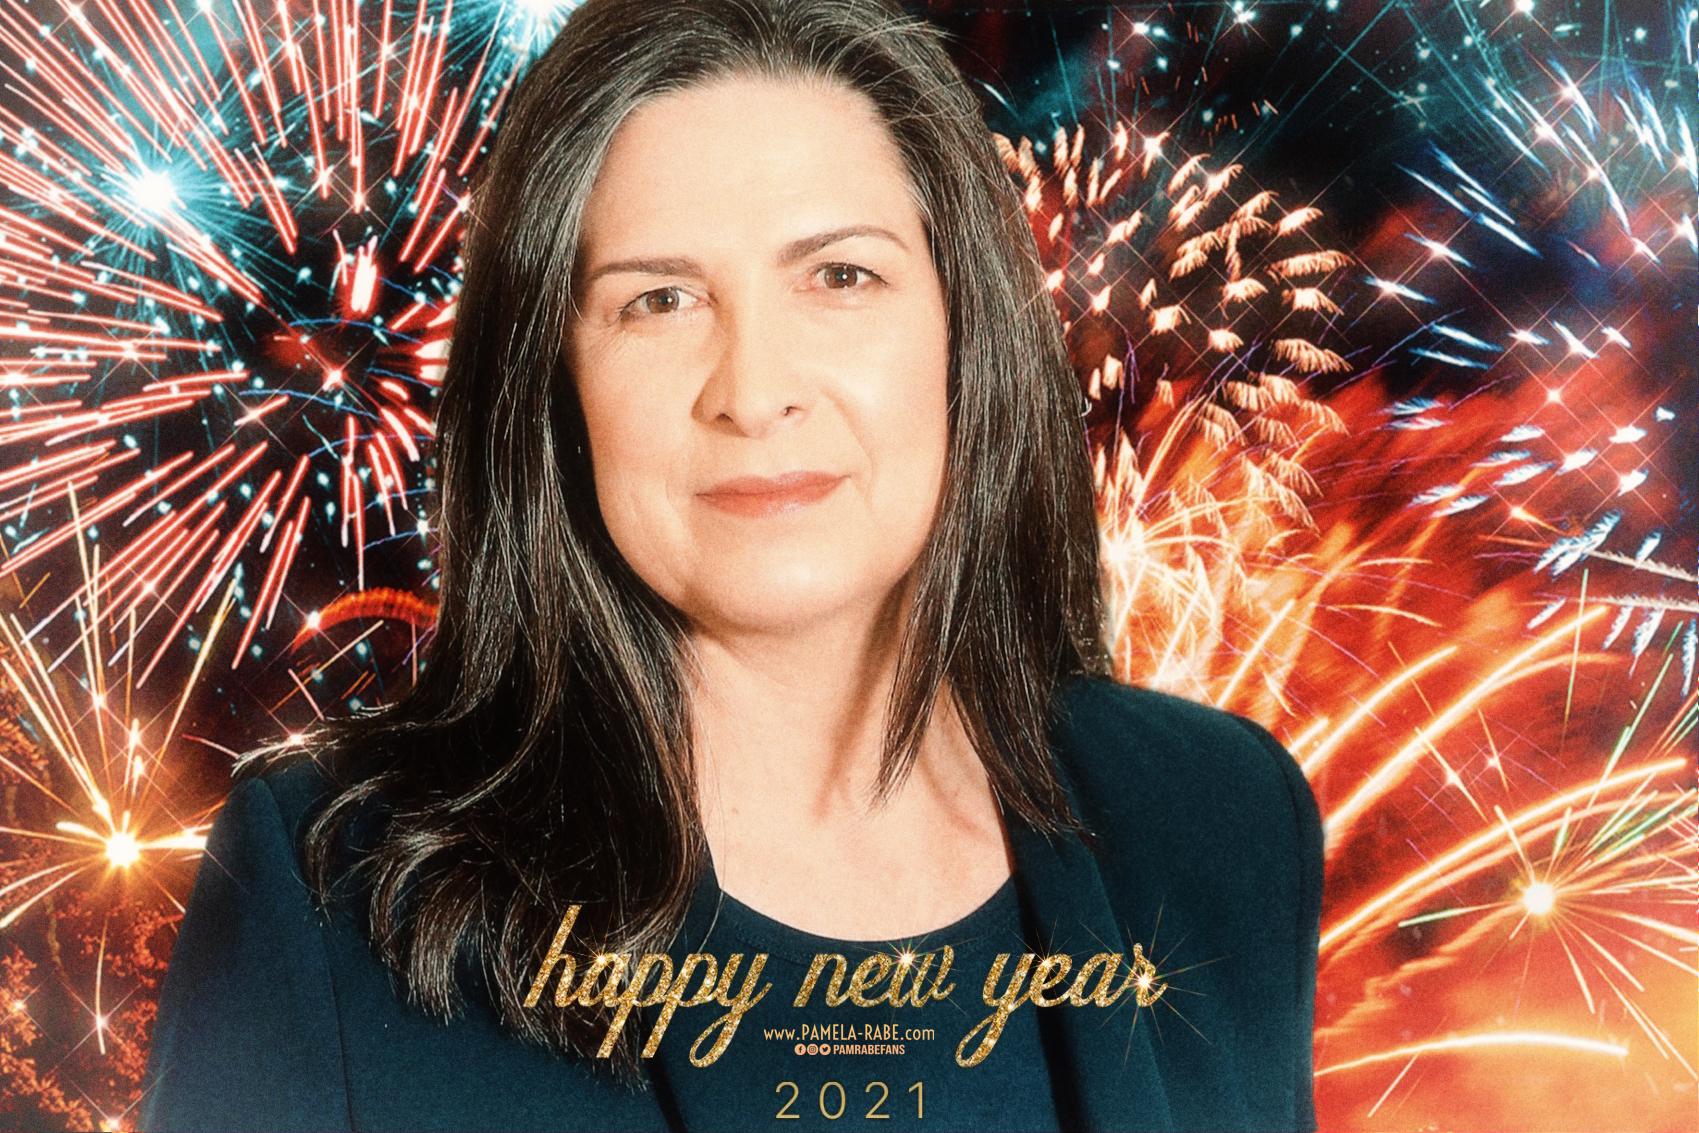 Happy New Year 2021 | www.Pamela-Rabe.com